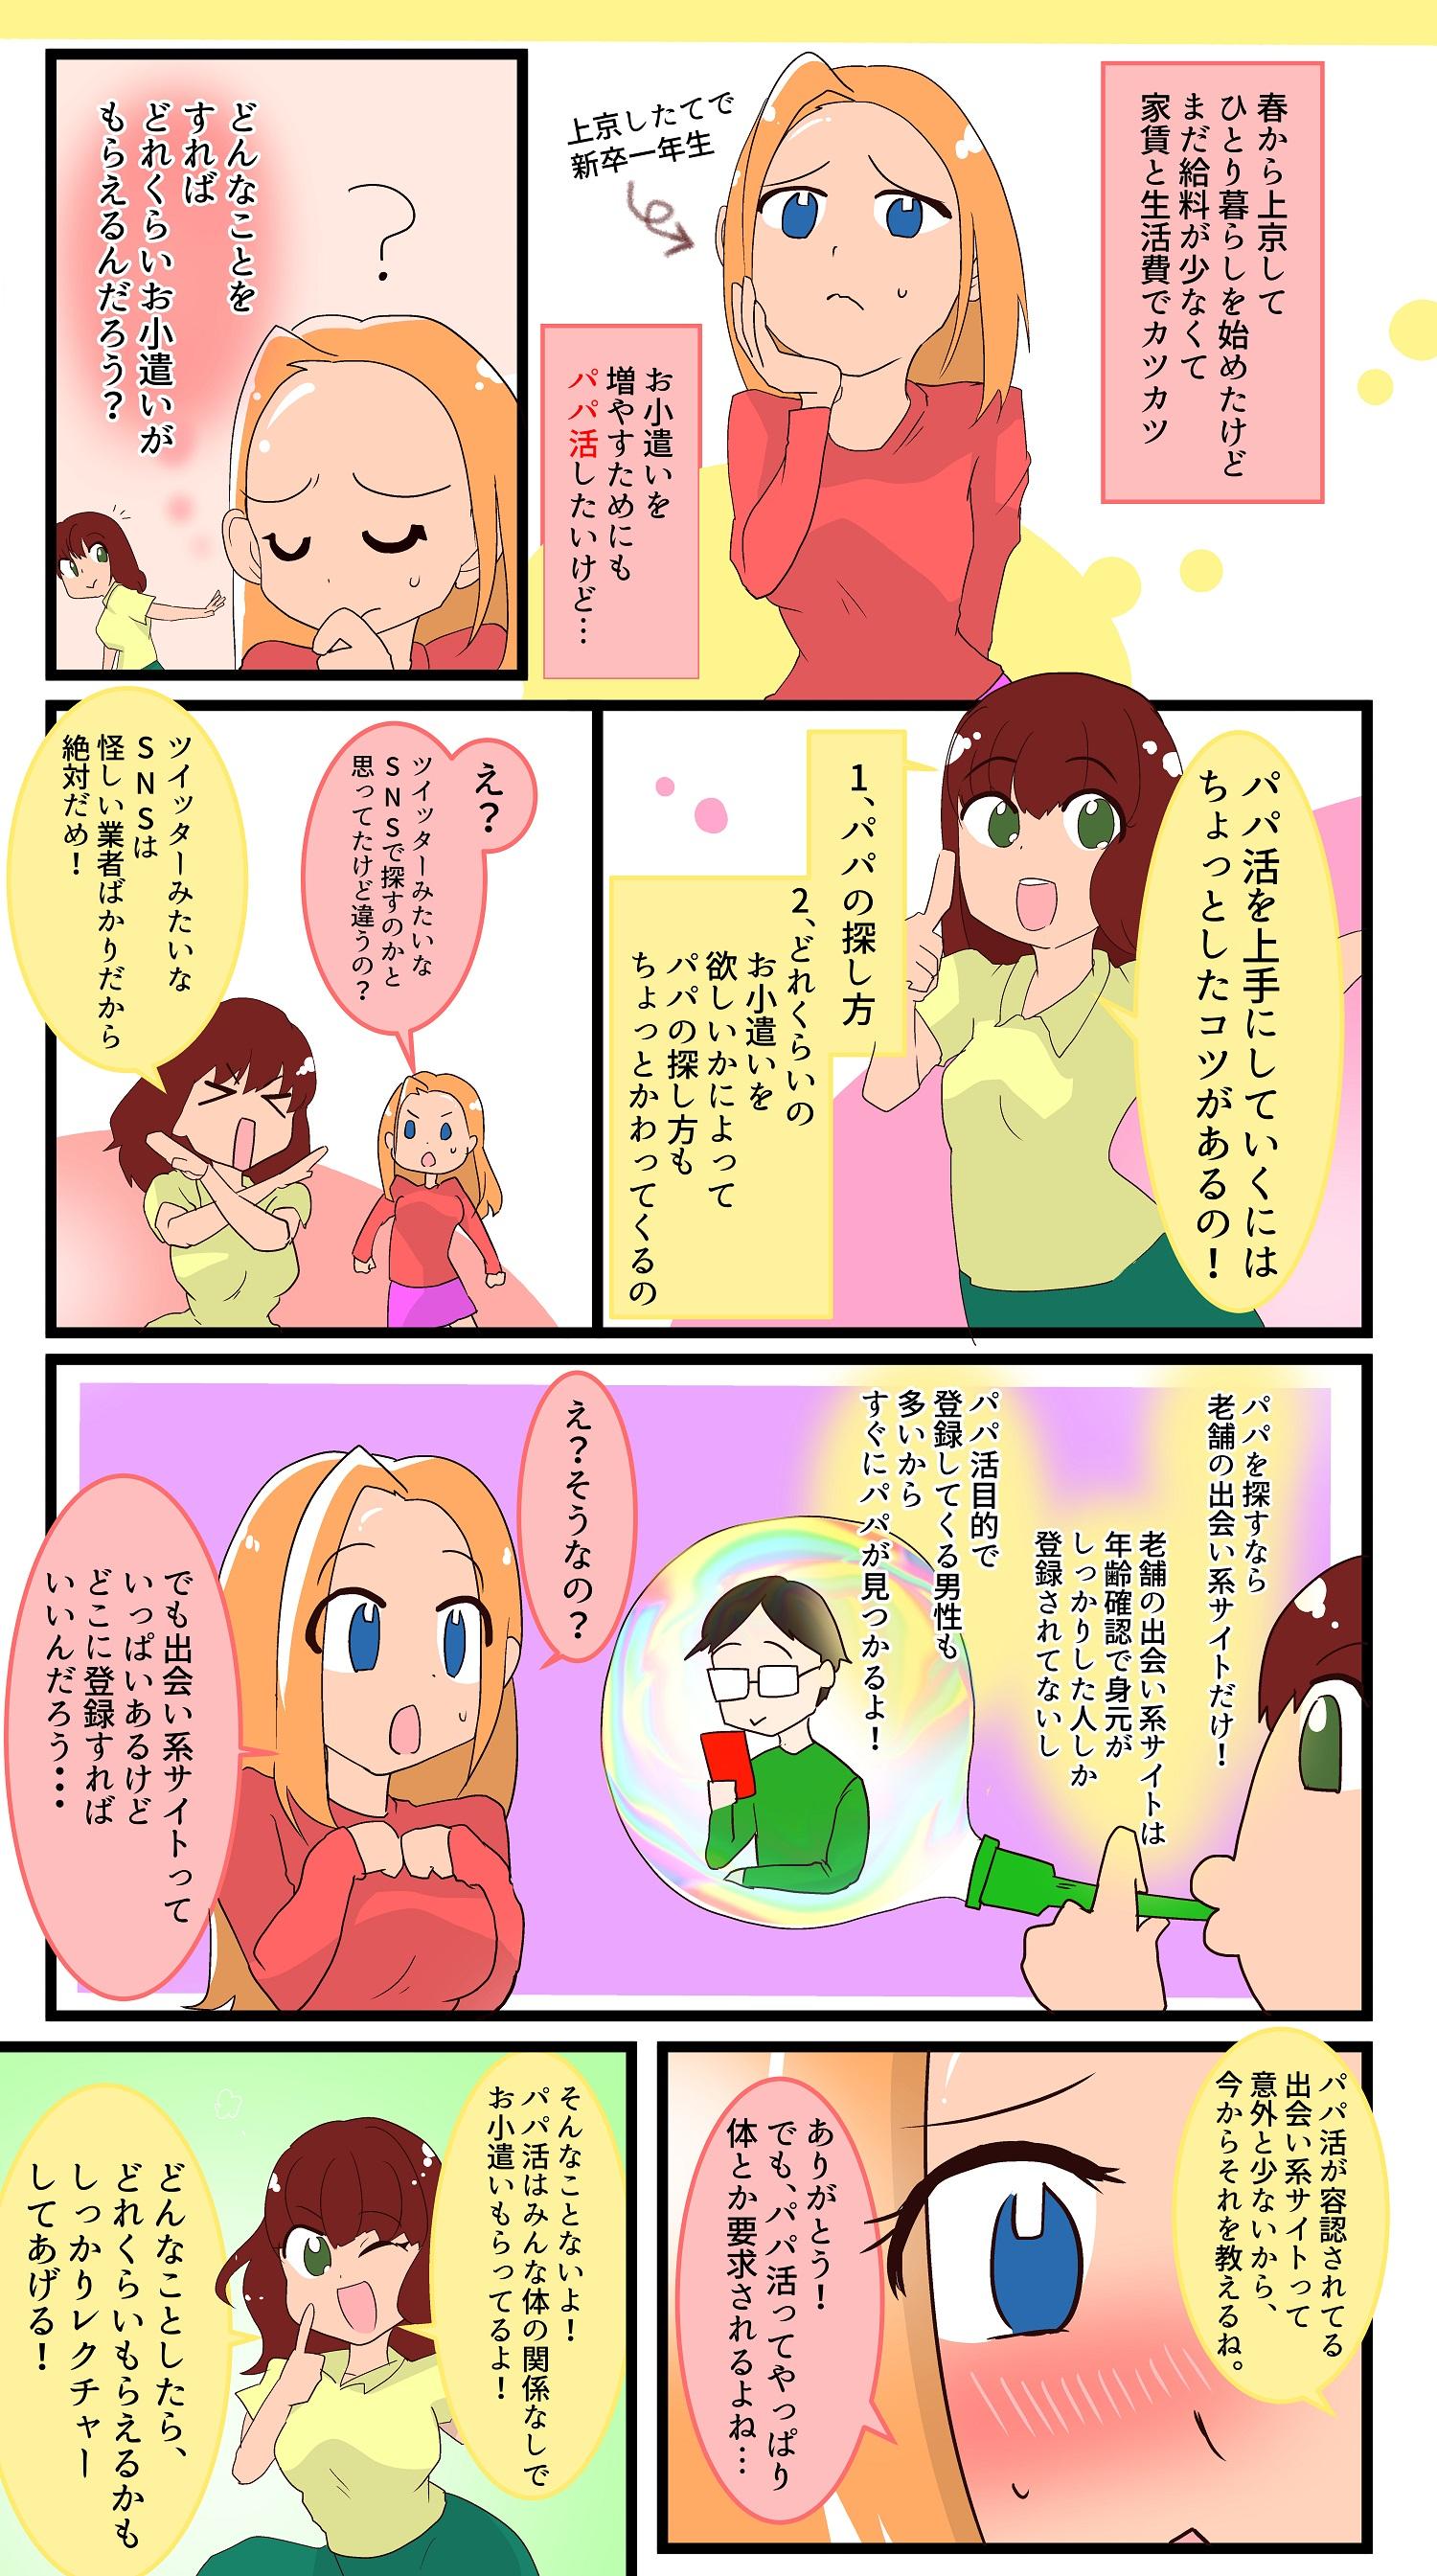 パパカツ パパ活サイトランキング!広島のパパ活女子の実態と相場、おすすめアプリをまとめました